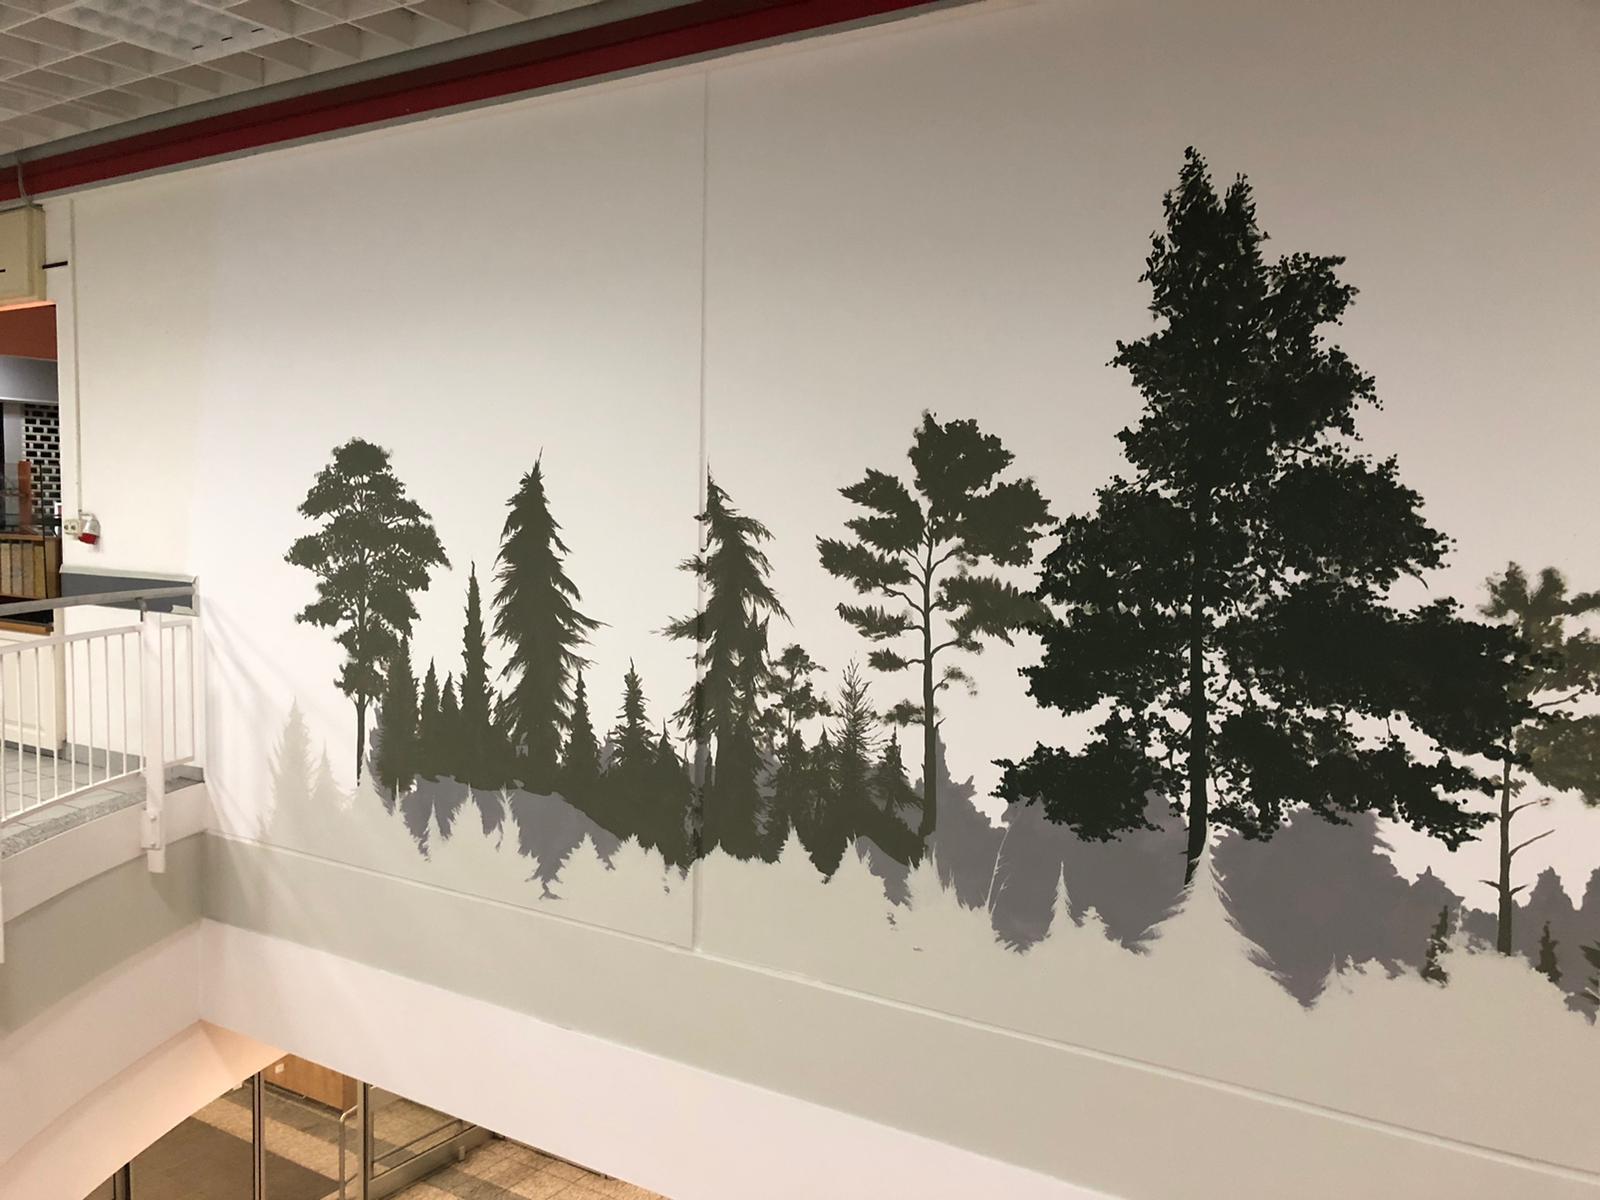 Wandgestaltung Wandmalerei Innenraum Kaufland